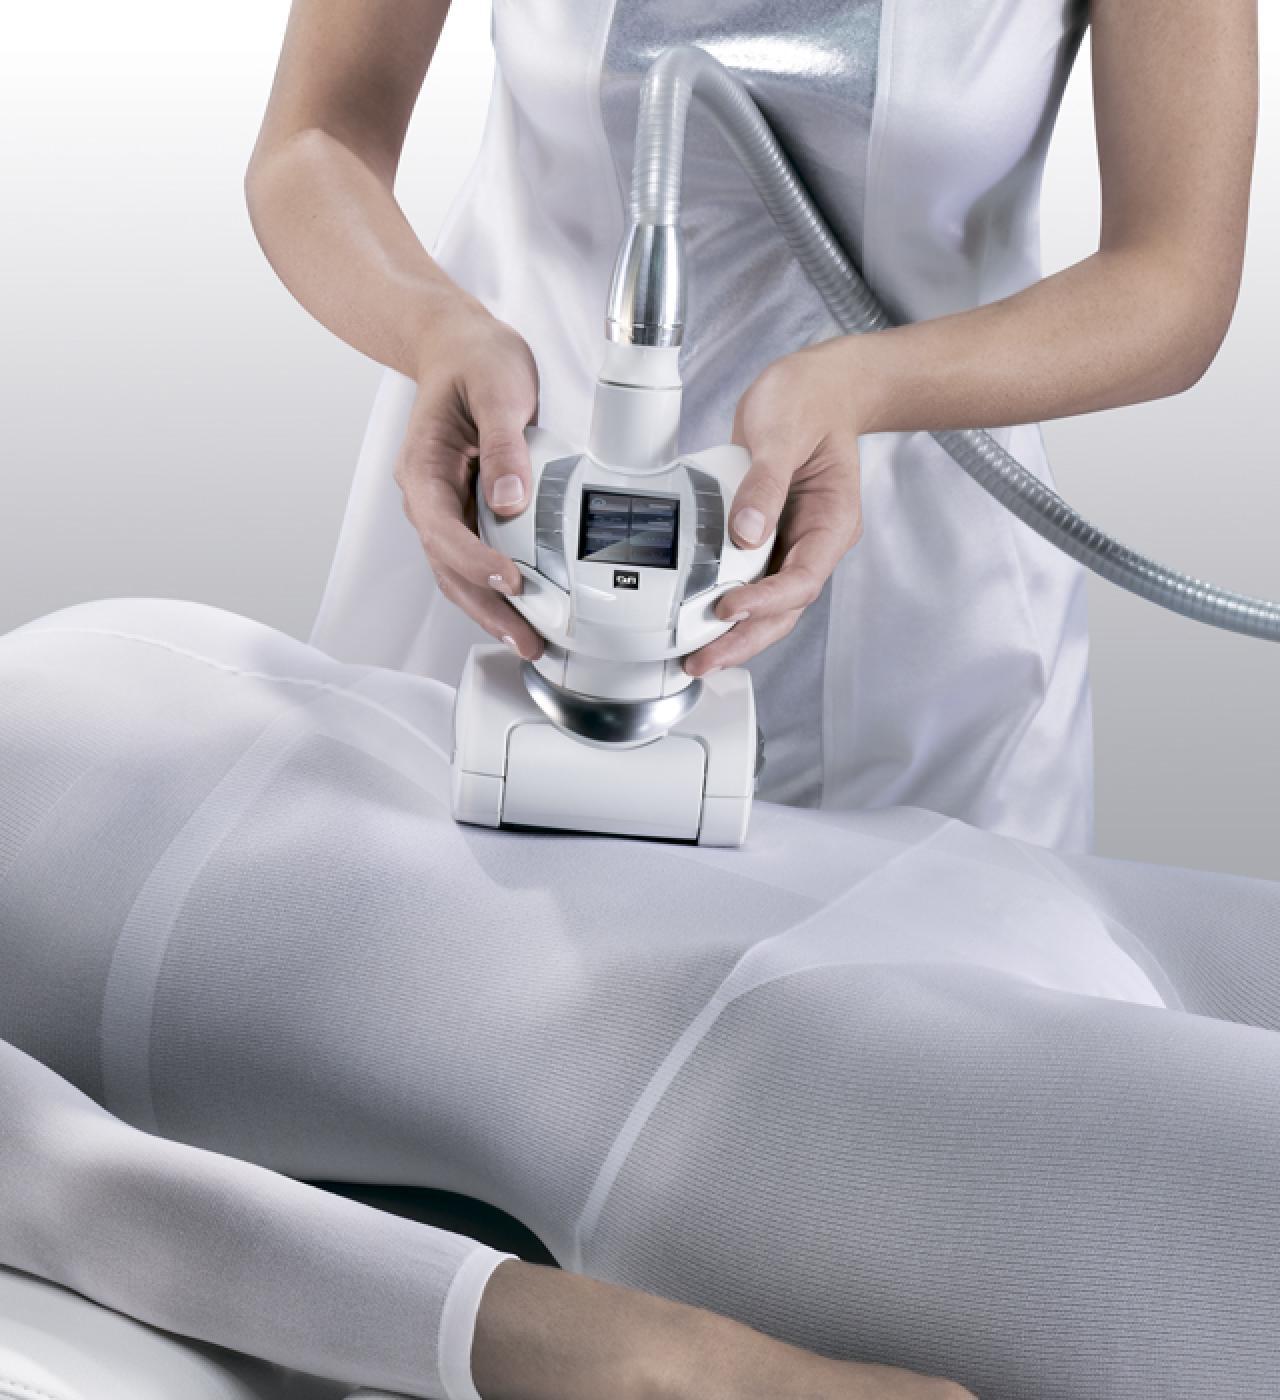 сучасні методи корекції фігури lpg масаж